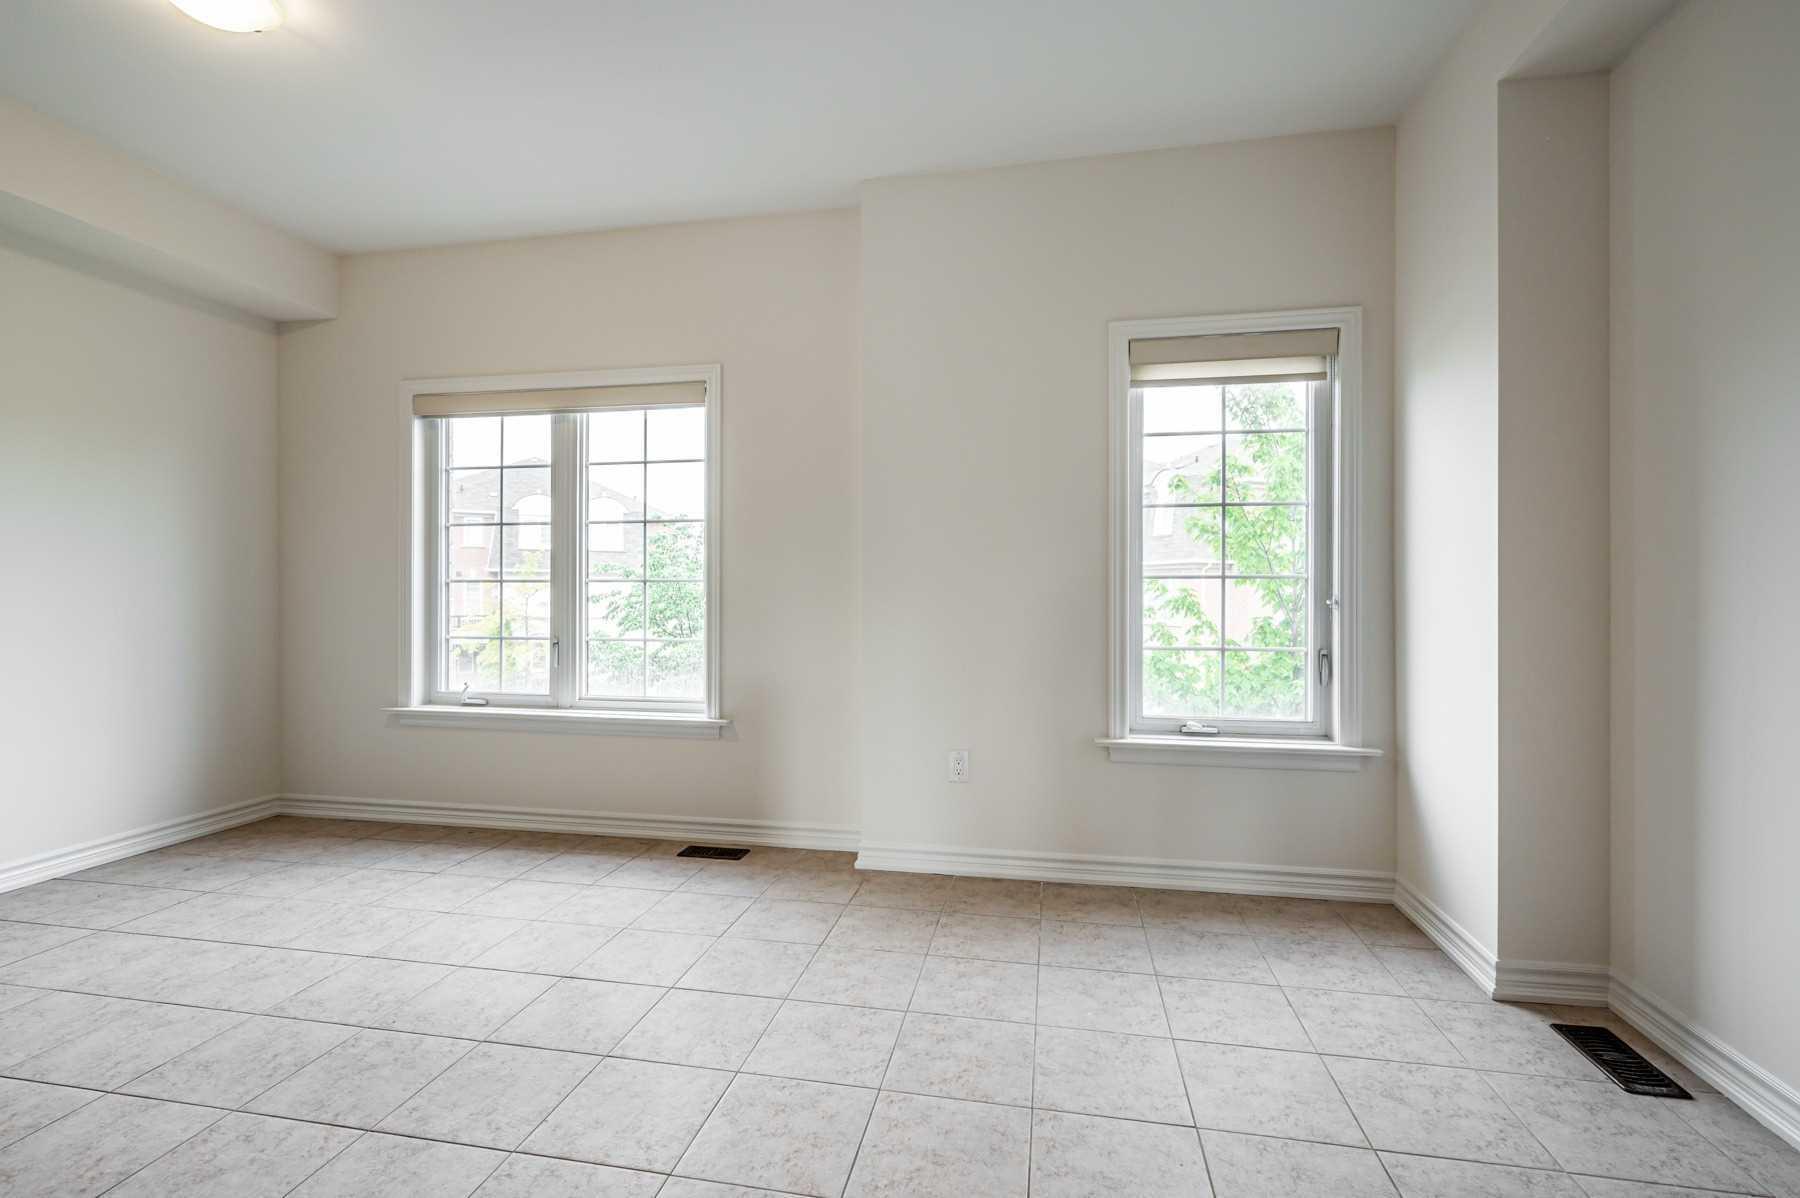 Att/row/twnhouse For Sale In Toronto , 3 Bedrooms Bedrooms, ,3 BathroomsBathrooms,Att/row/twnhouse,For Sale,Pidgeon